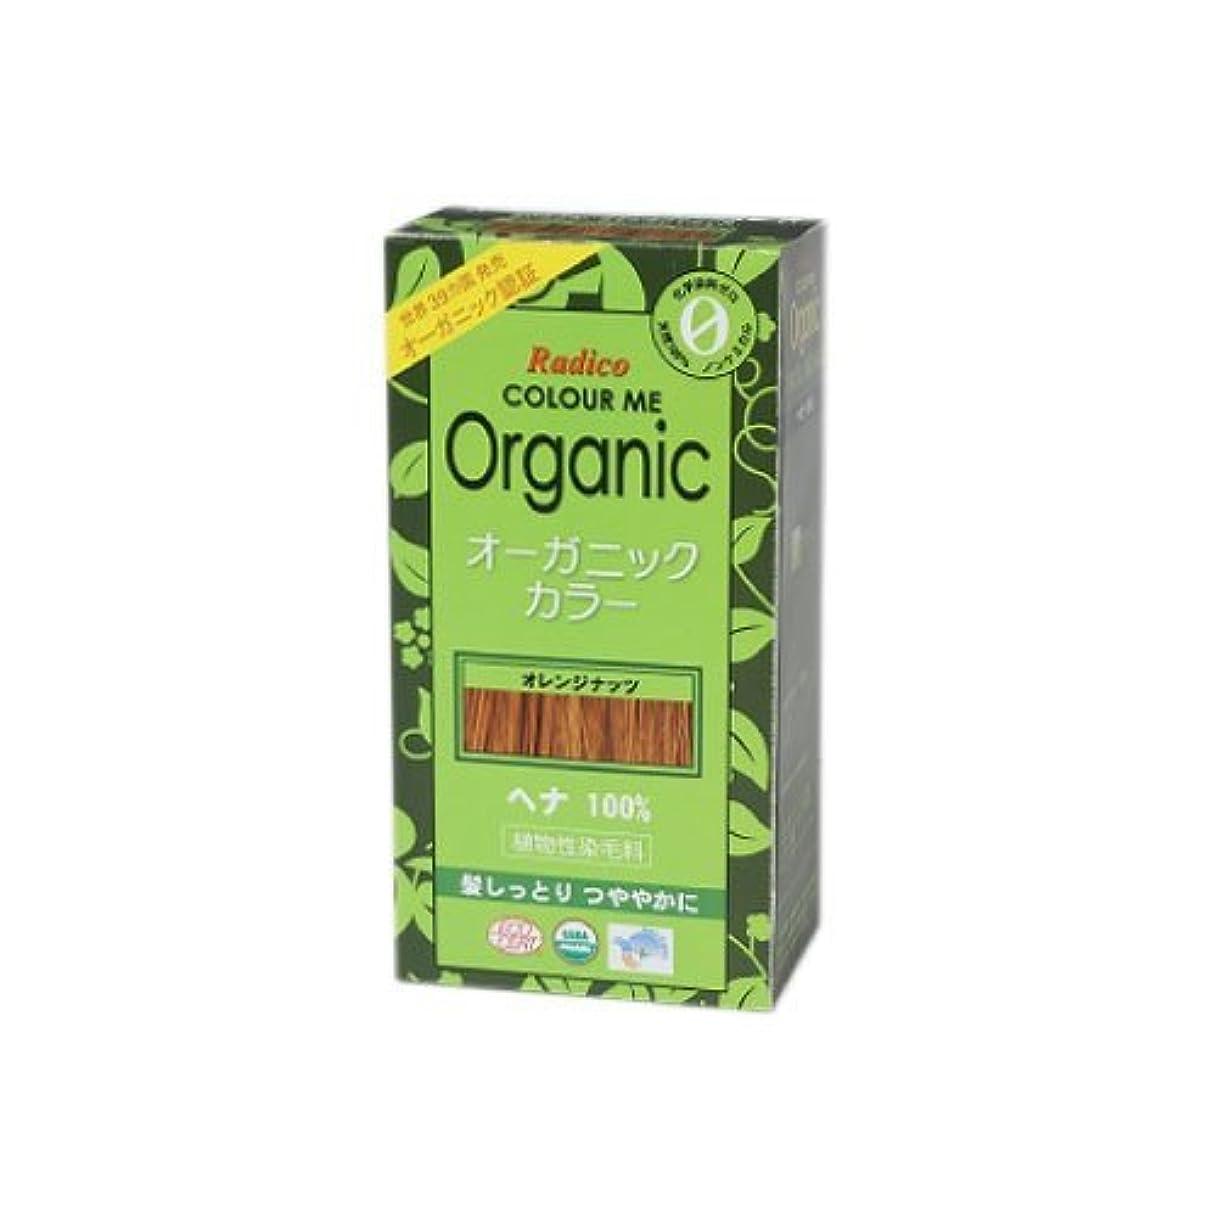 コミュニティ性交プレフィックスCOLOURME Organic (カラーミーオーガニック ヘナ 白髪用) オレンジナッツ 100g